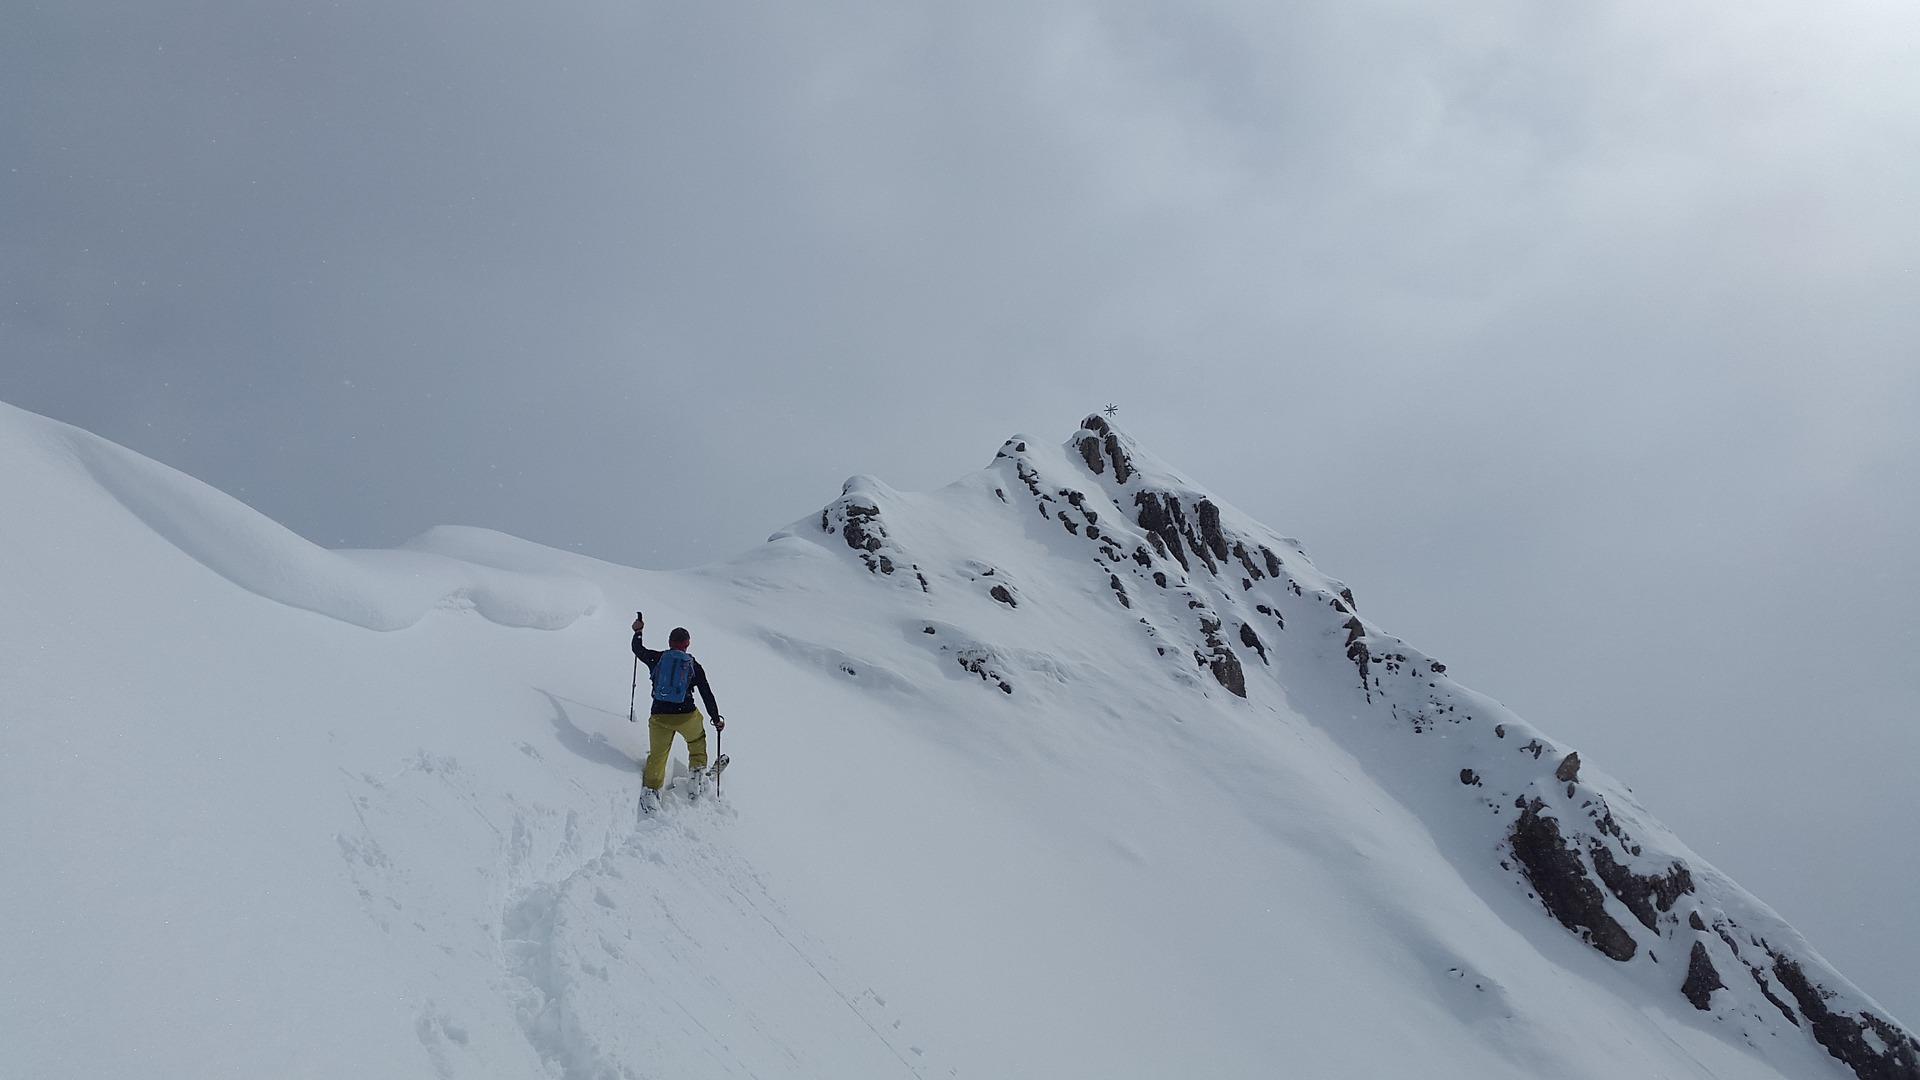 backcountry-skiiing-1359956_1920